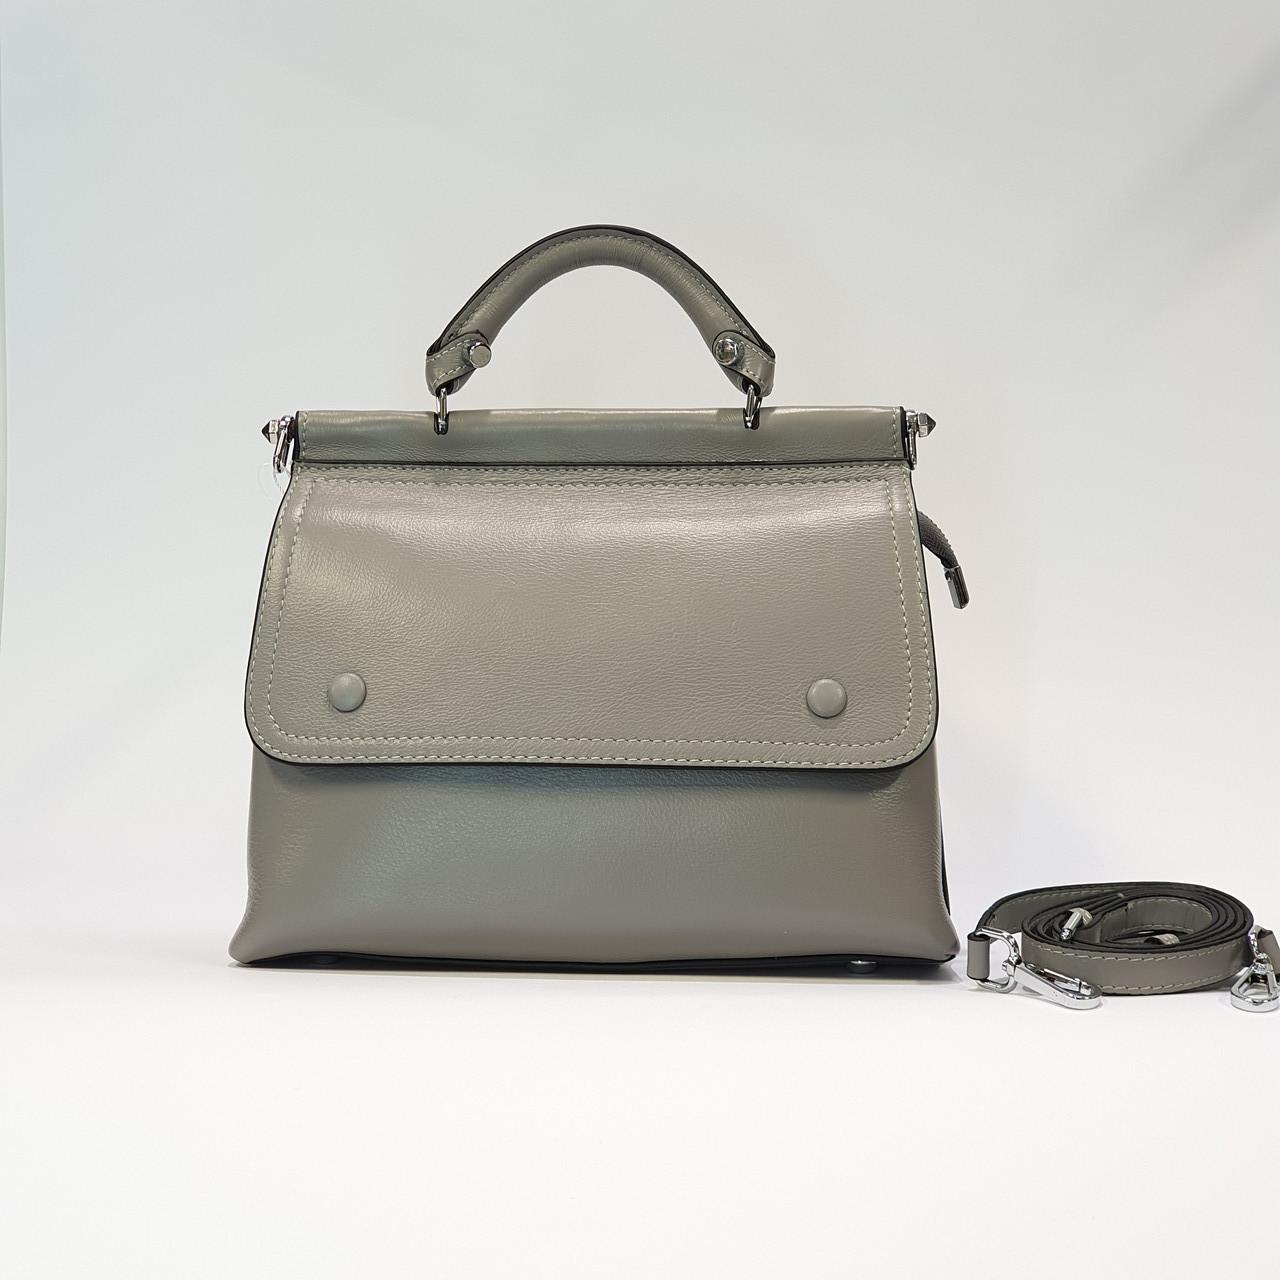 Женская серая сумочка из натуральной кожи среднего размера повседневная